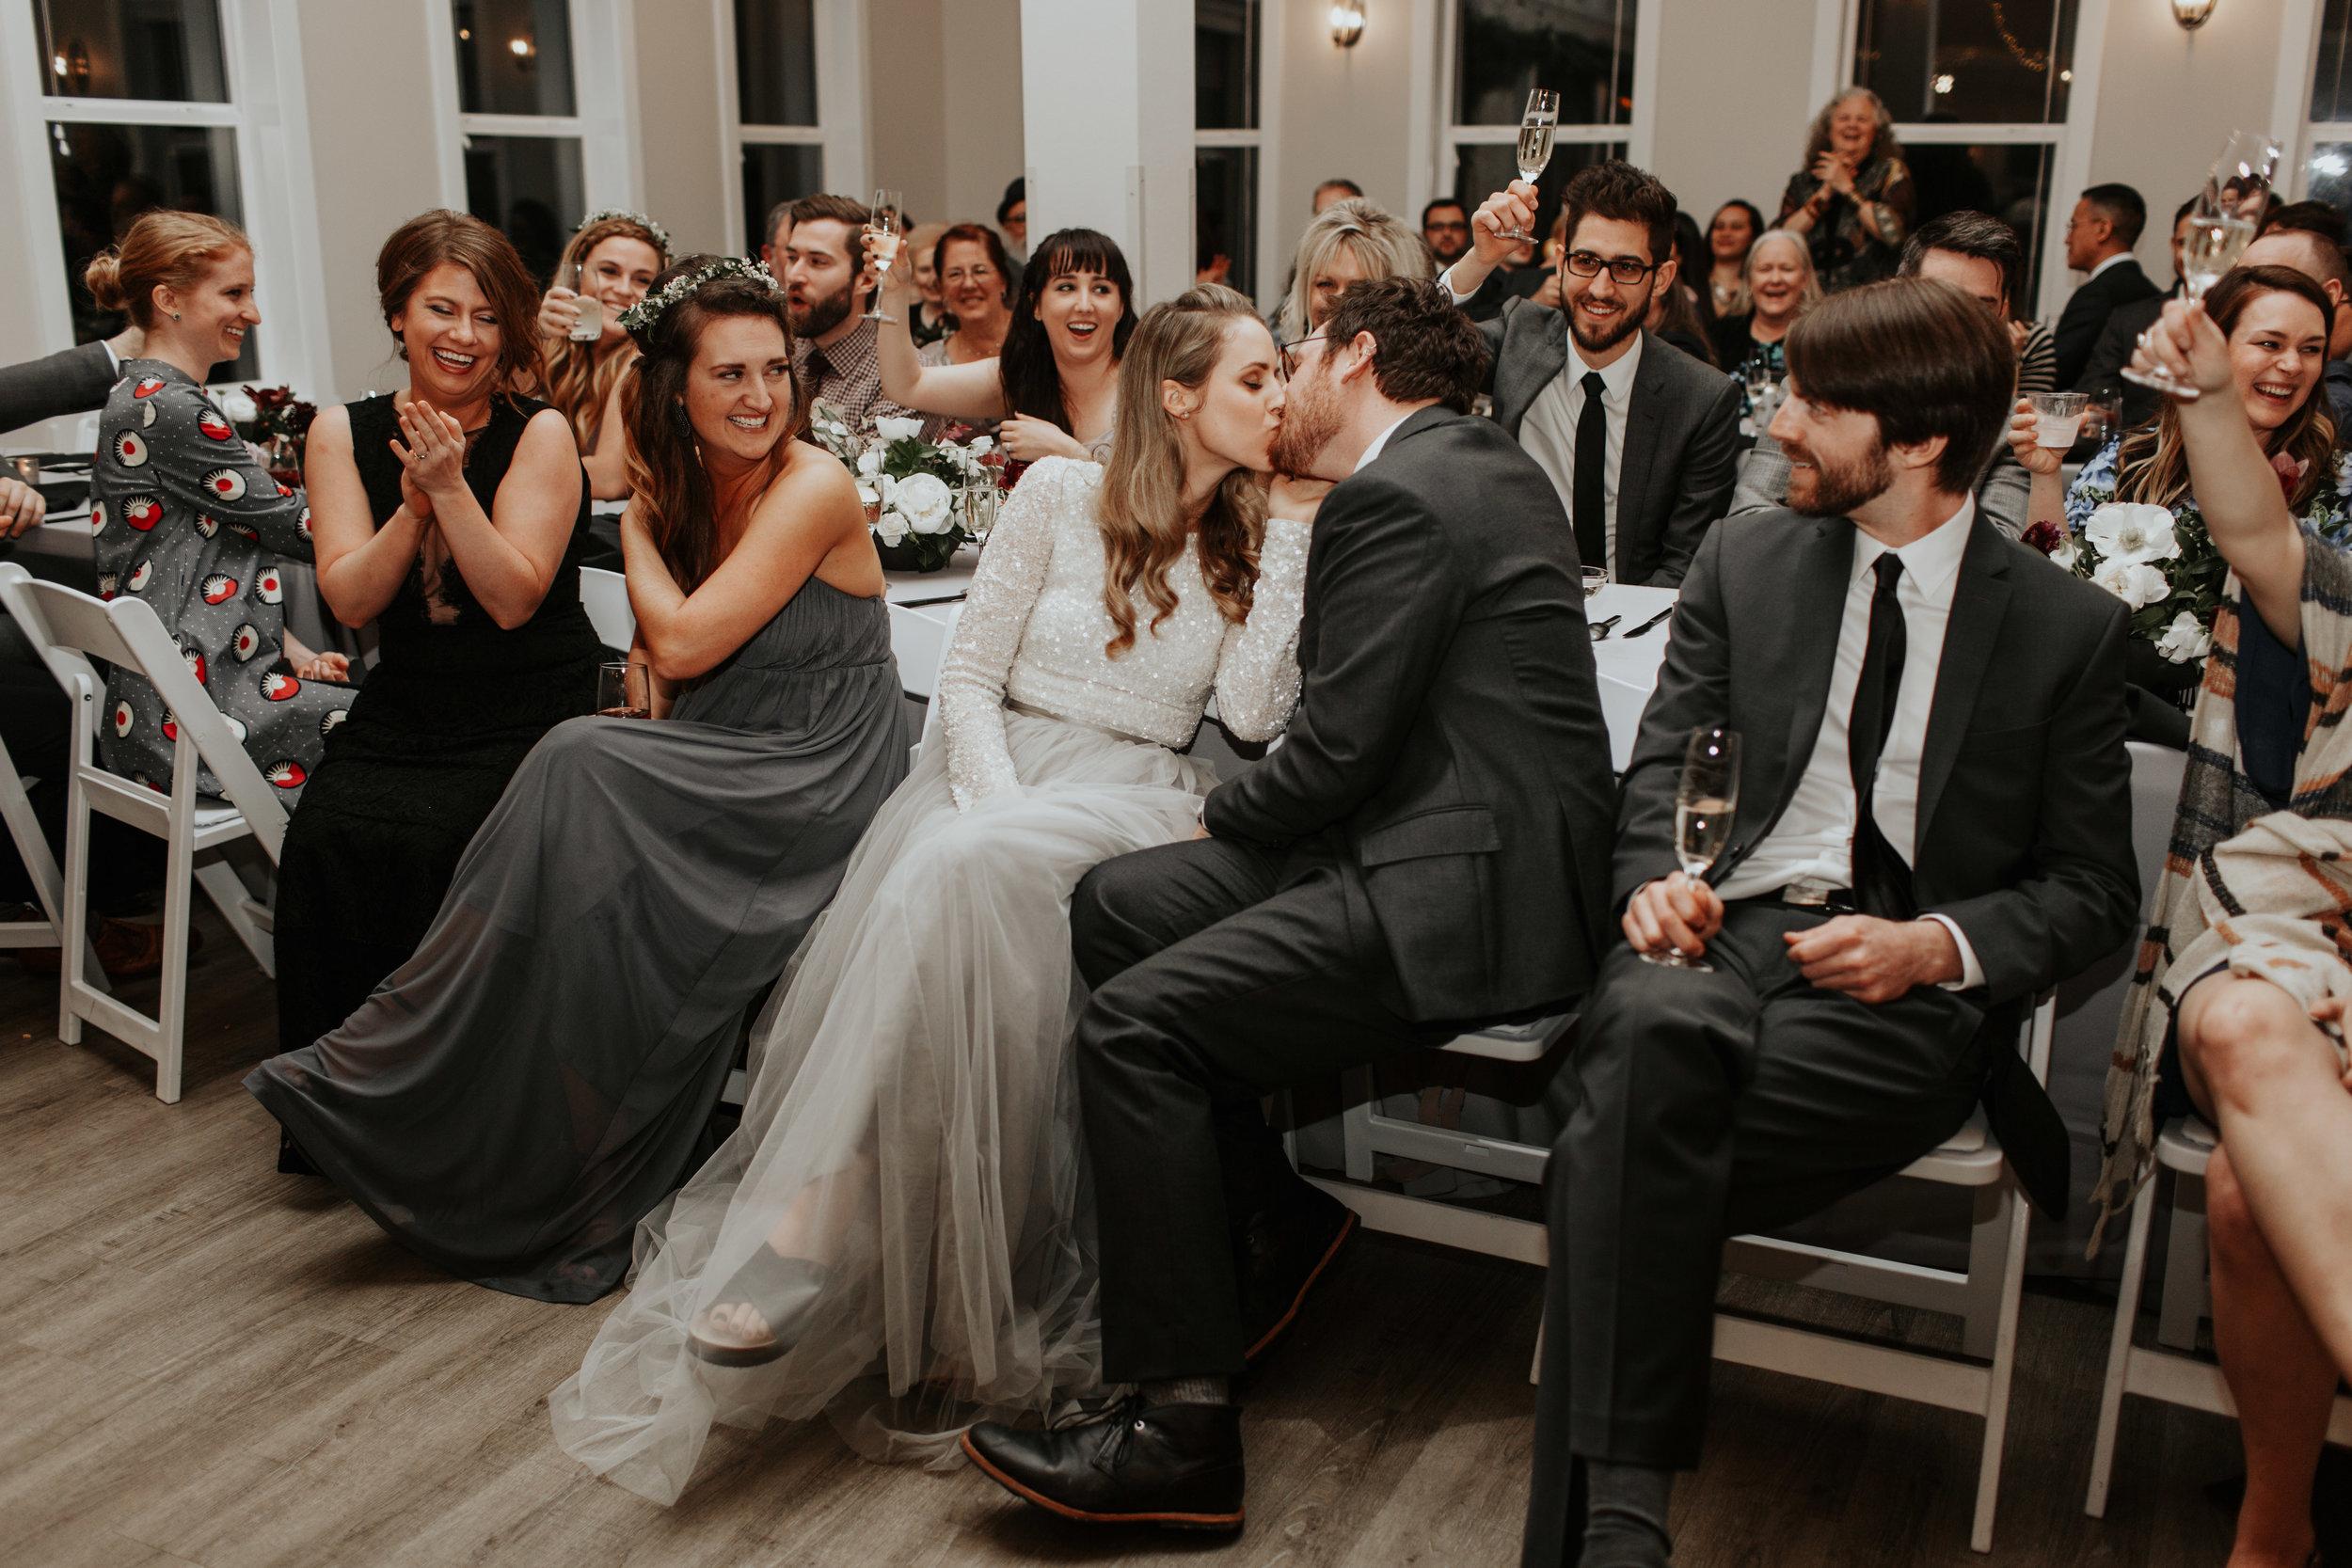 ginapaulson-courtnyandryan-wedding-946.jpg